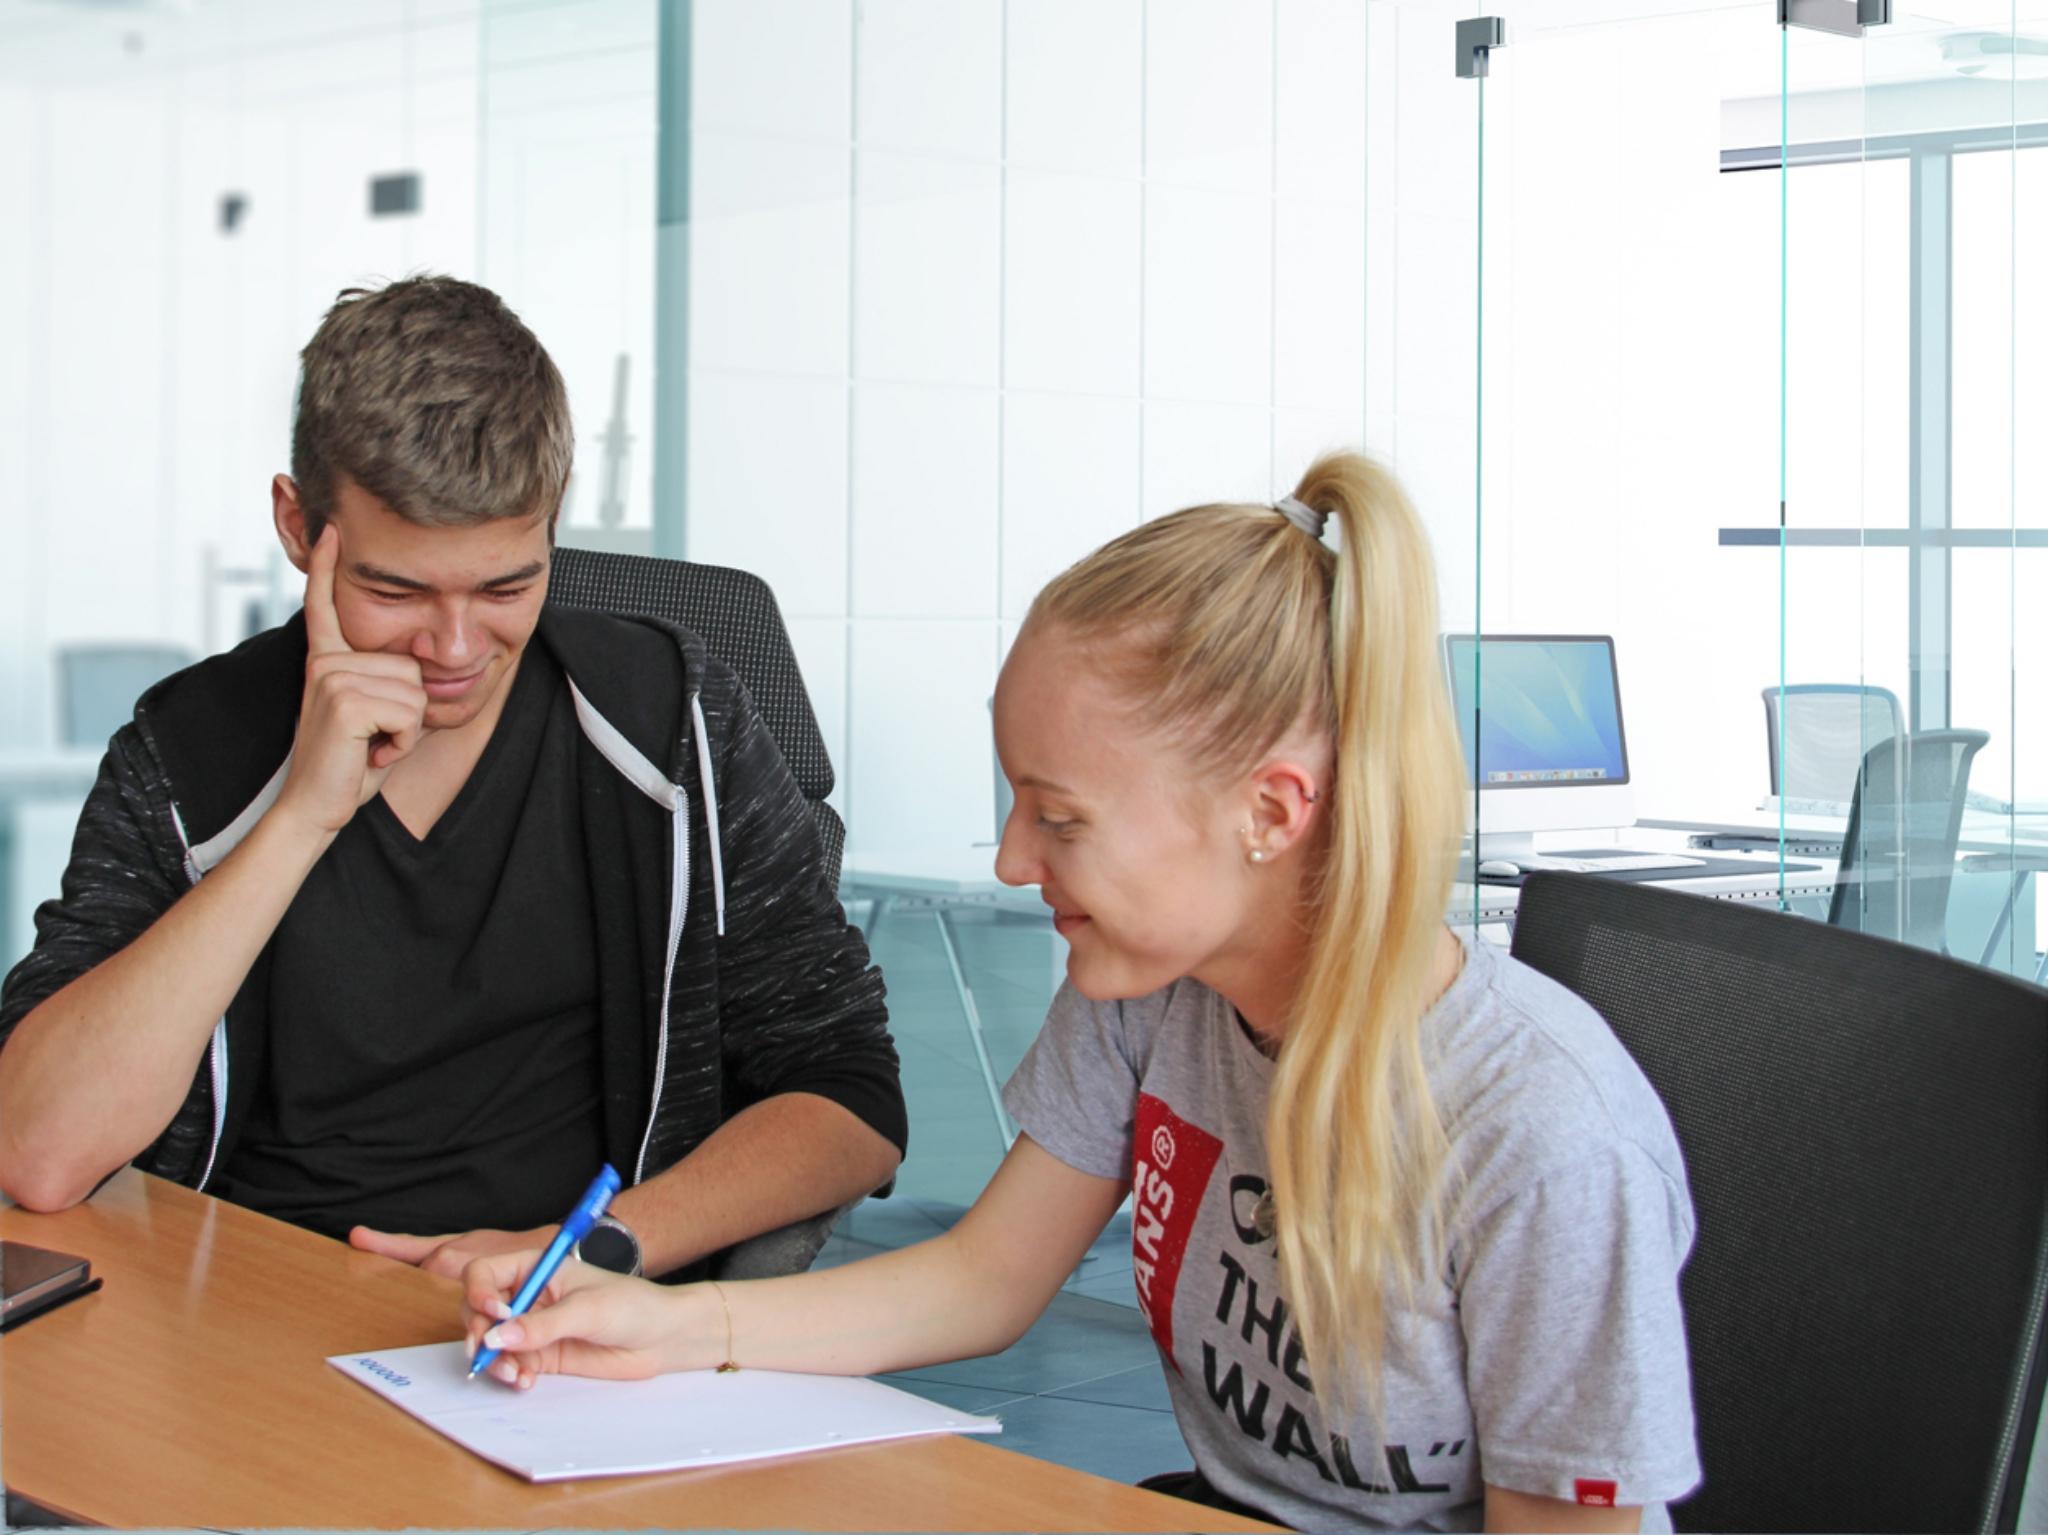 Uponor bietet vielfältige Weiterbildungsmöglichkeiten und Karrierechancen. Foto: Uponor